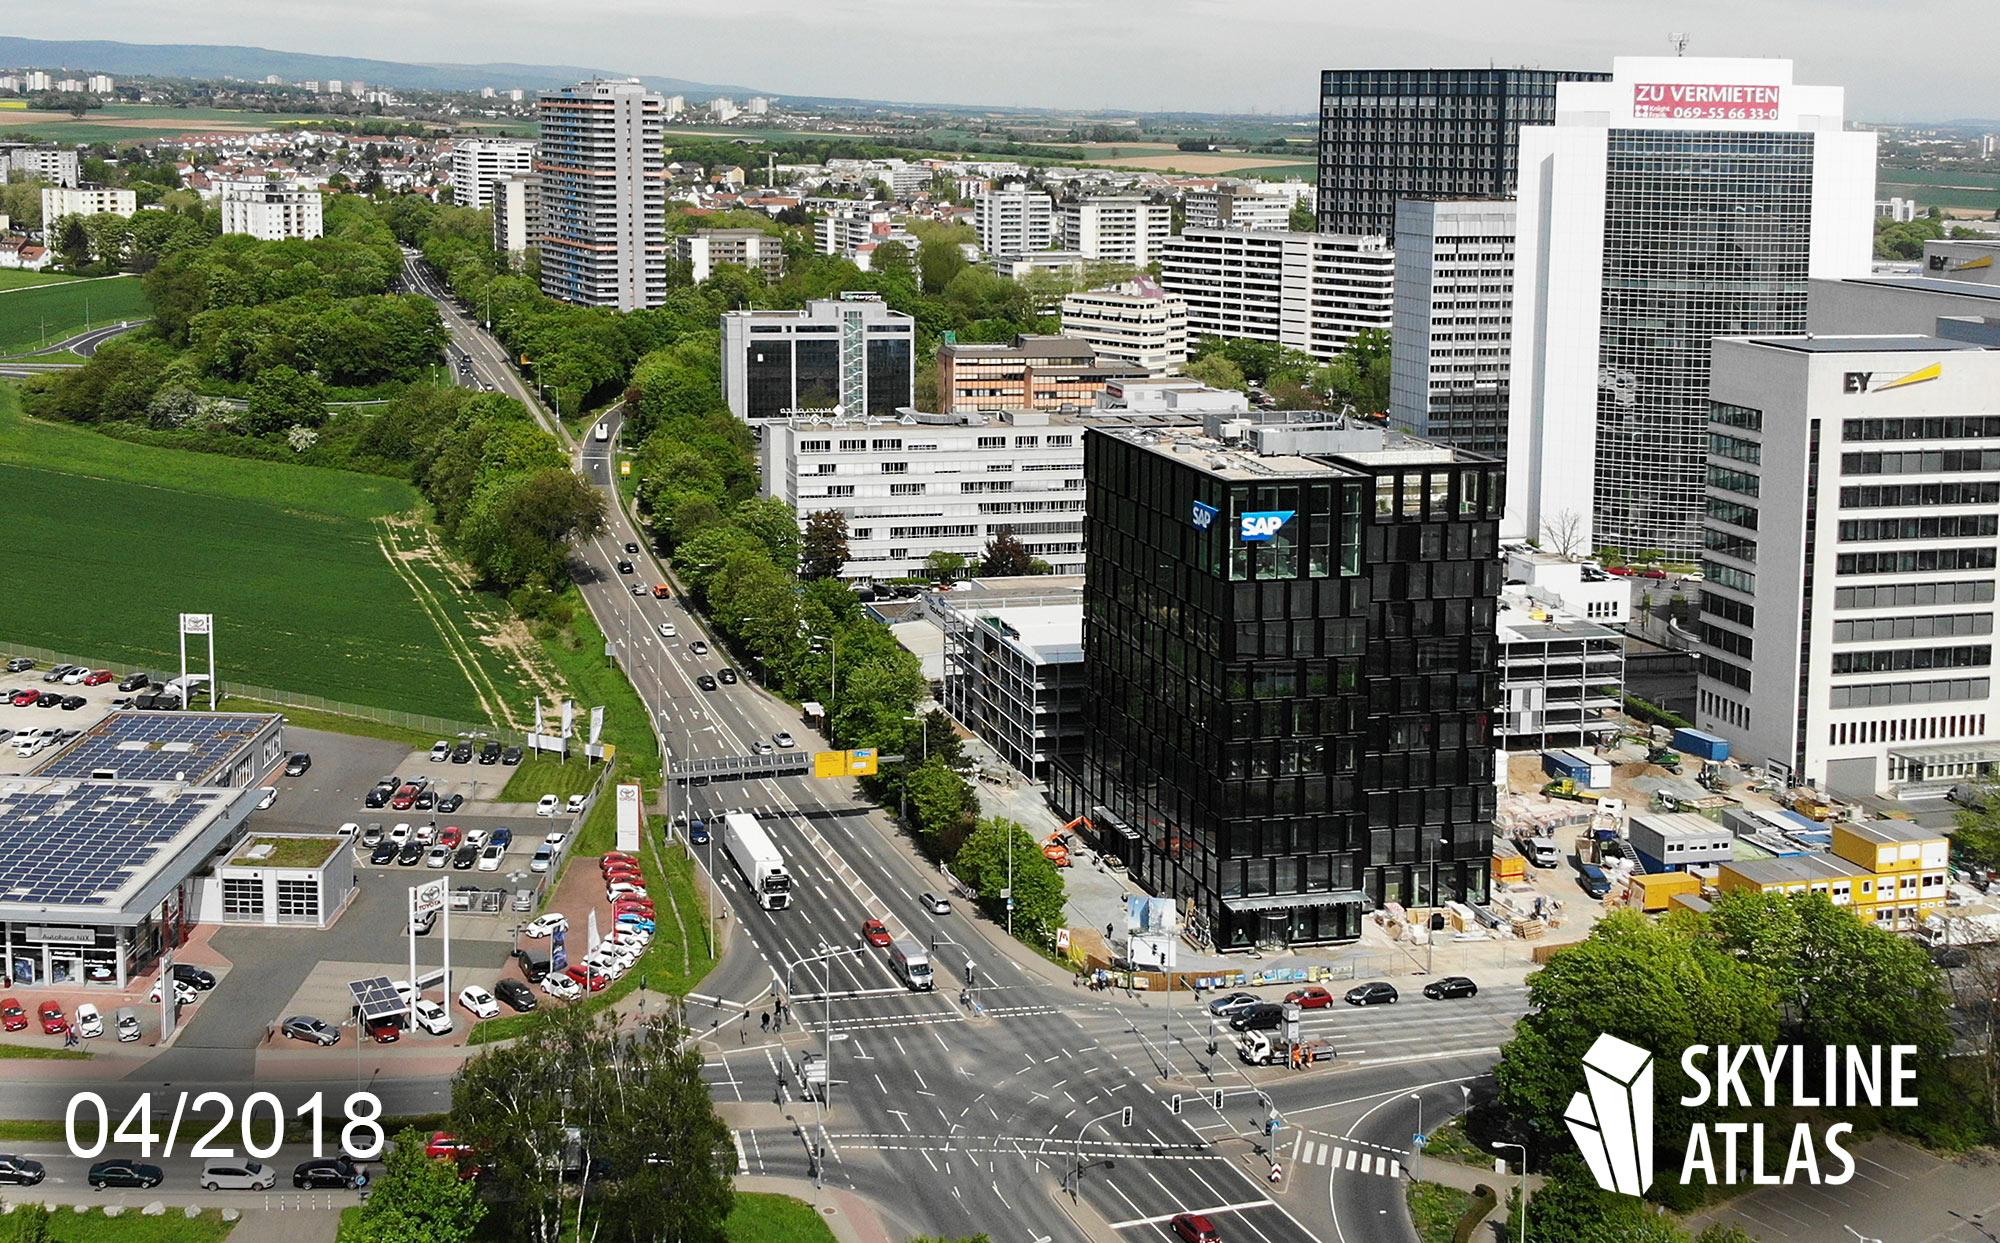 Neubau SAP Rhein-Main in Eschborn - April 2018